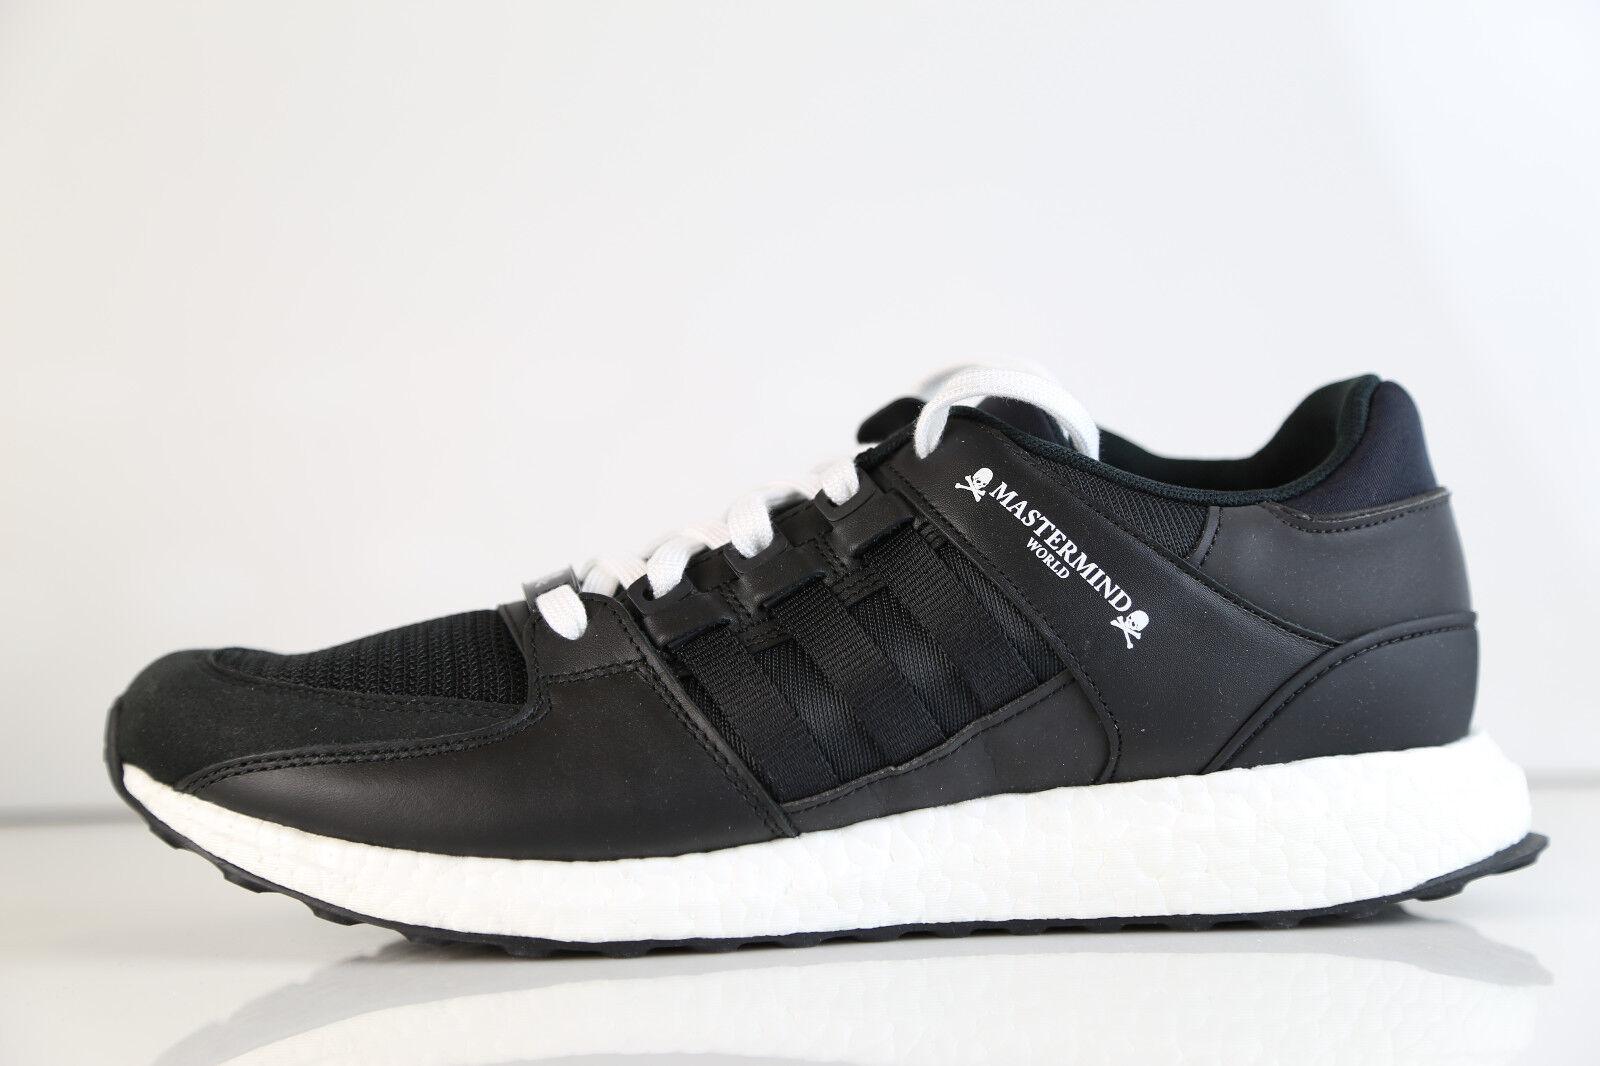 Adidas X MasterMind Japan EQT Support Ultra Boost MMW Black CQ1826 7-13 mm